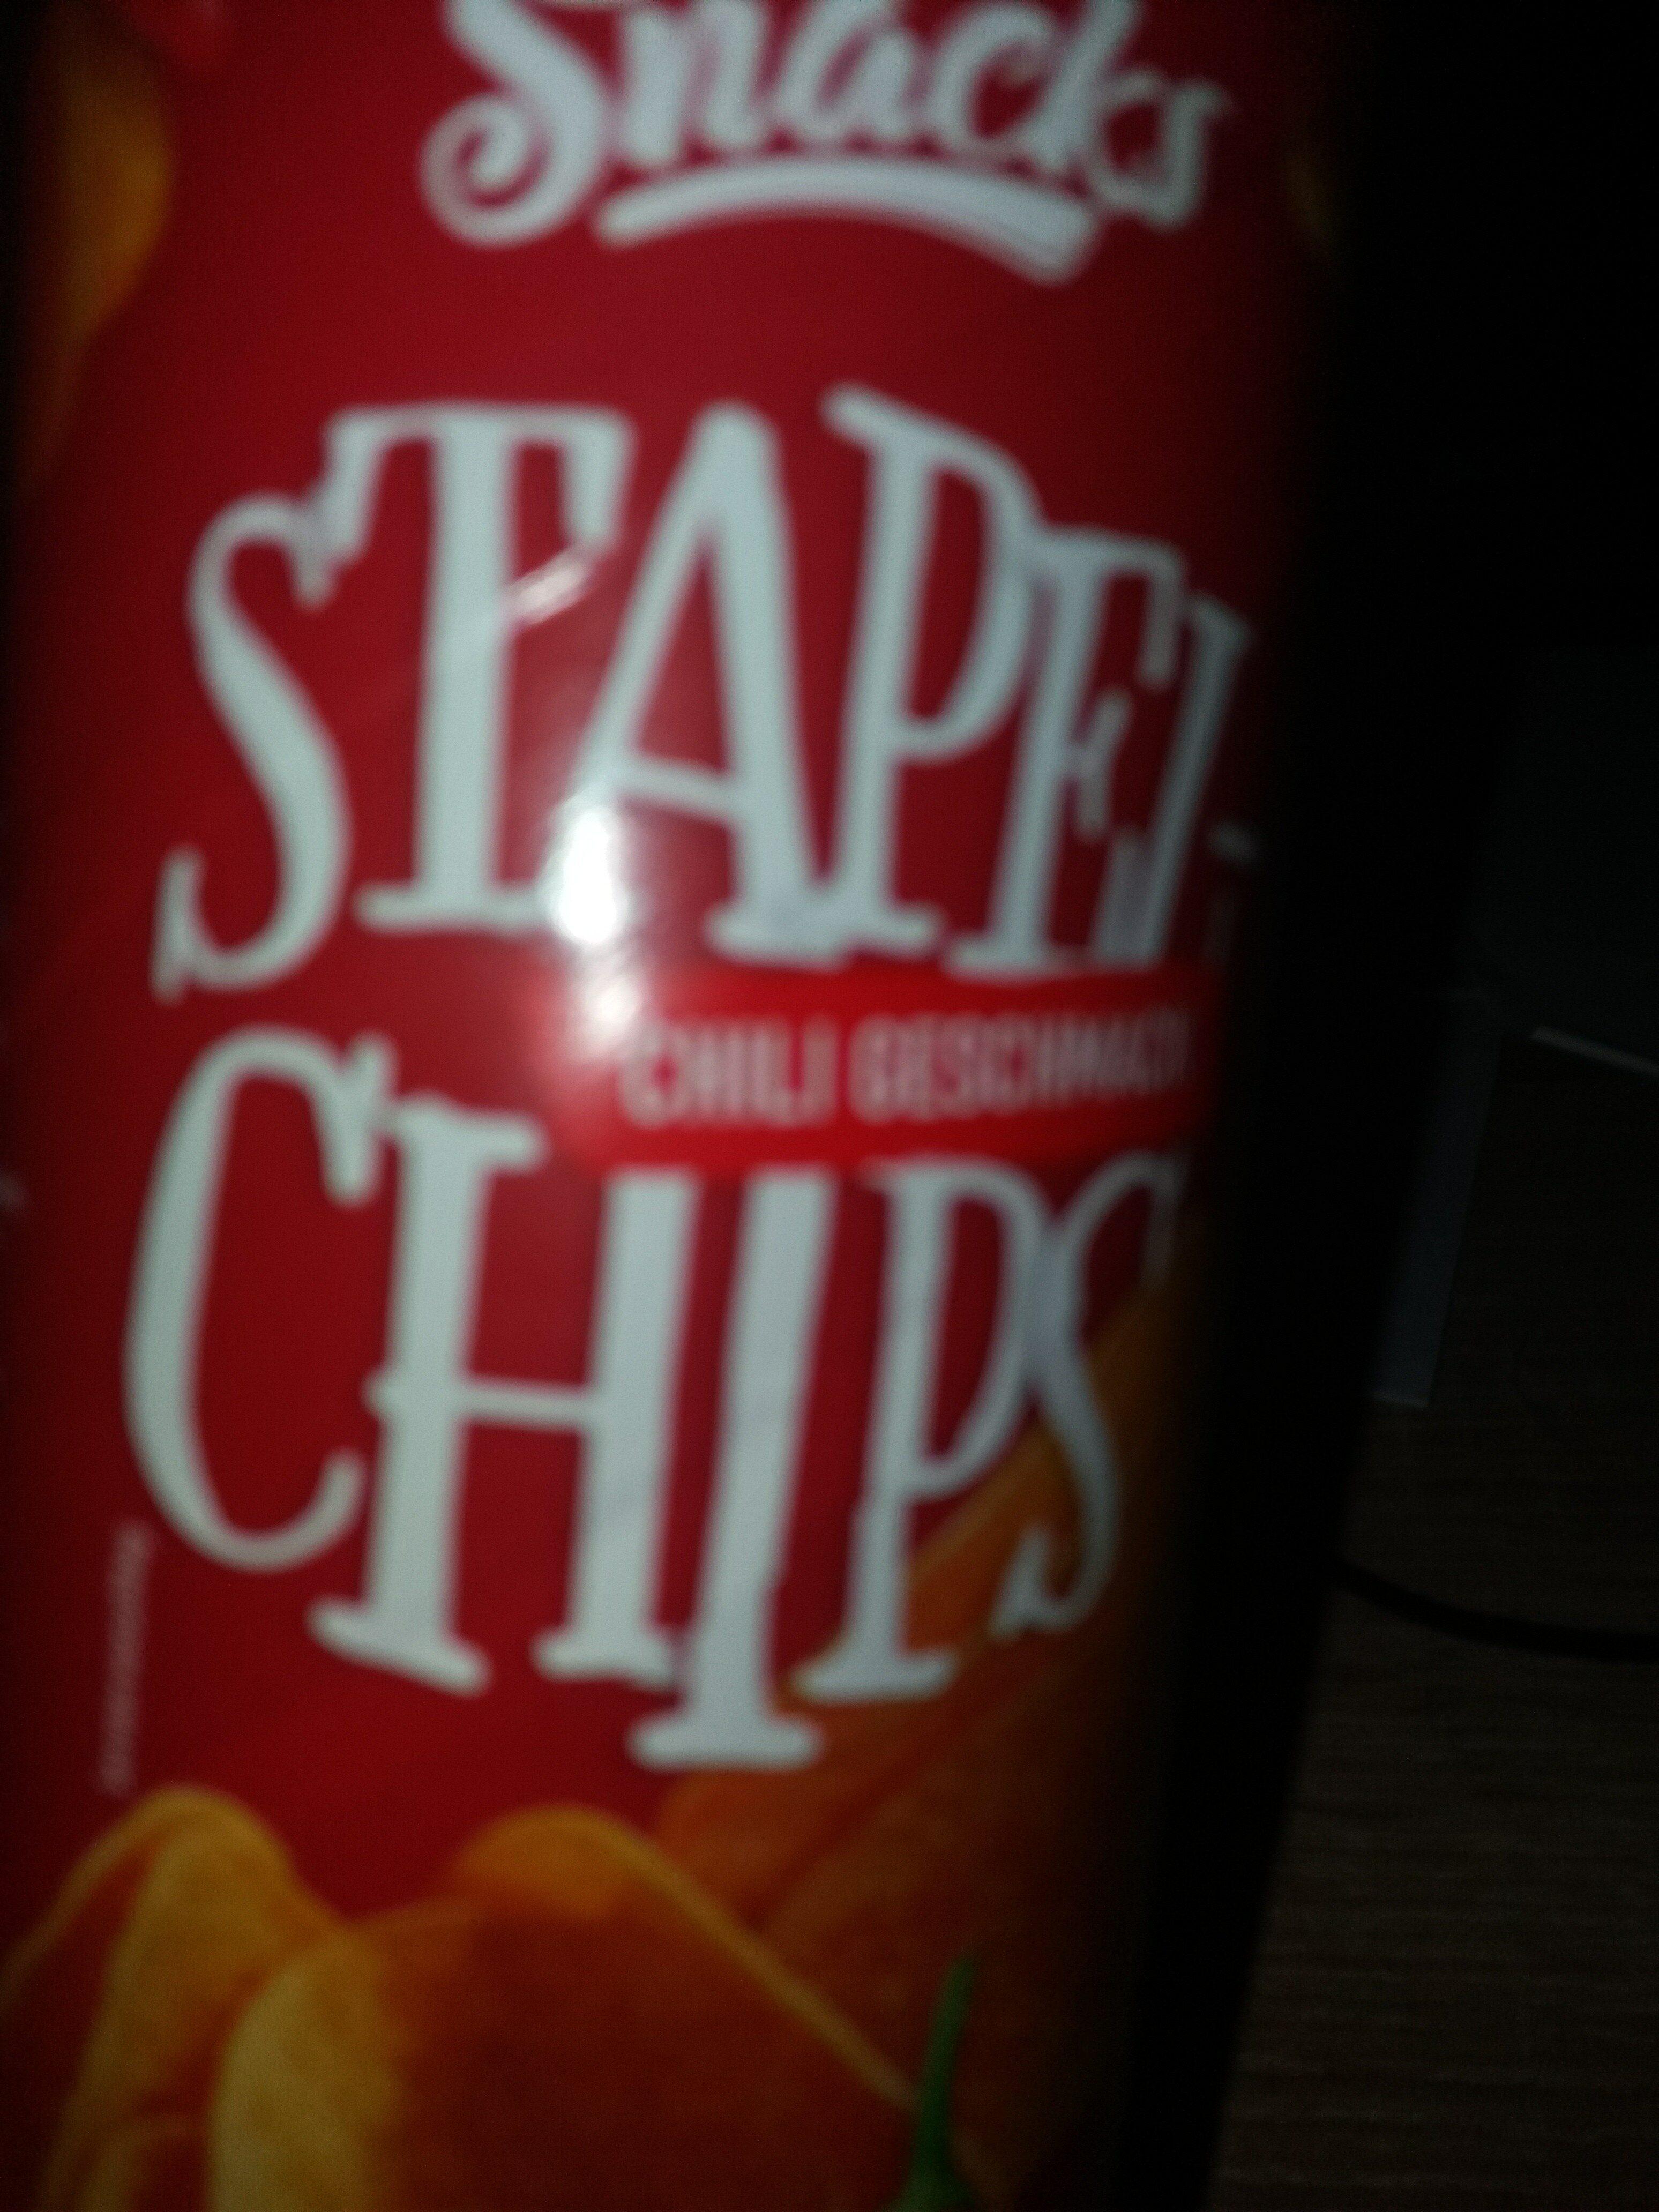 Stapel chips - Ingredients - en